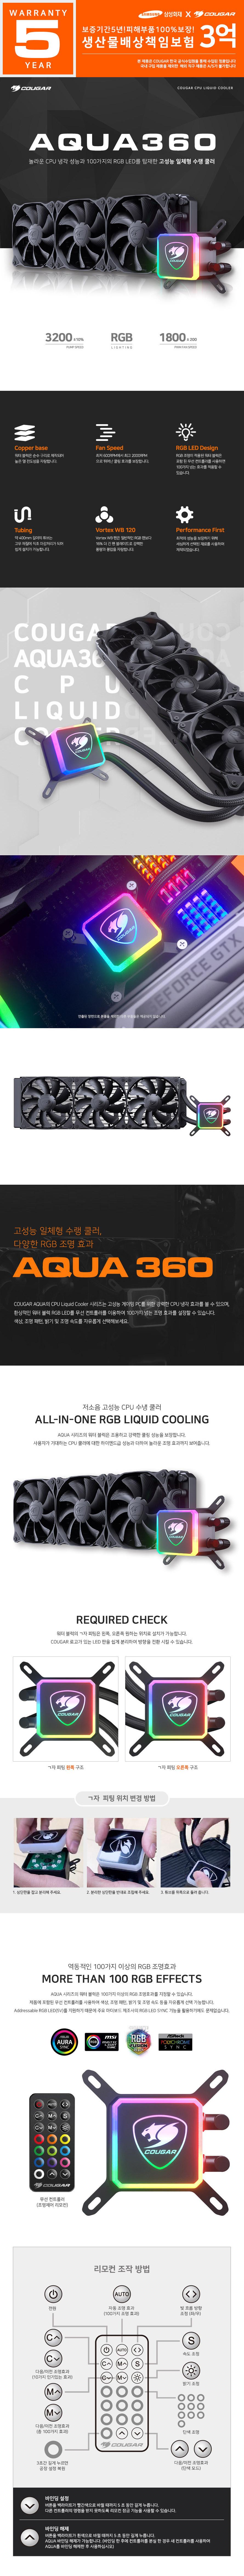 AQUA-360_1.jpg